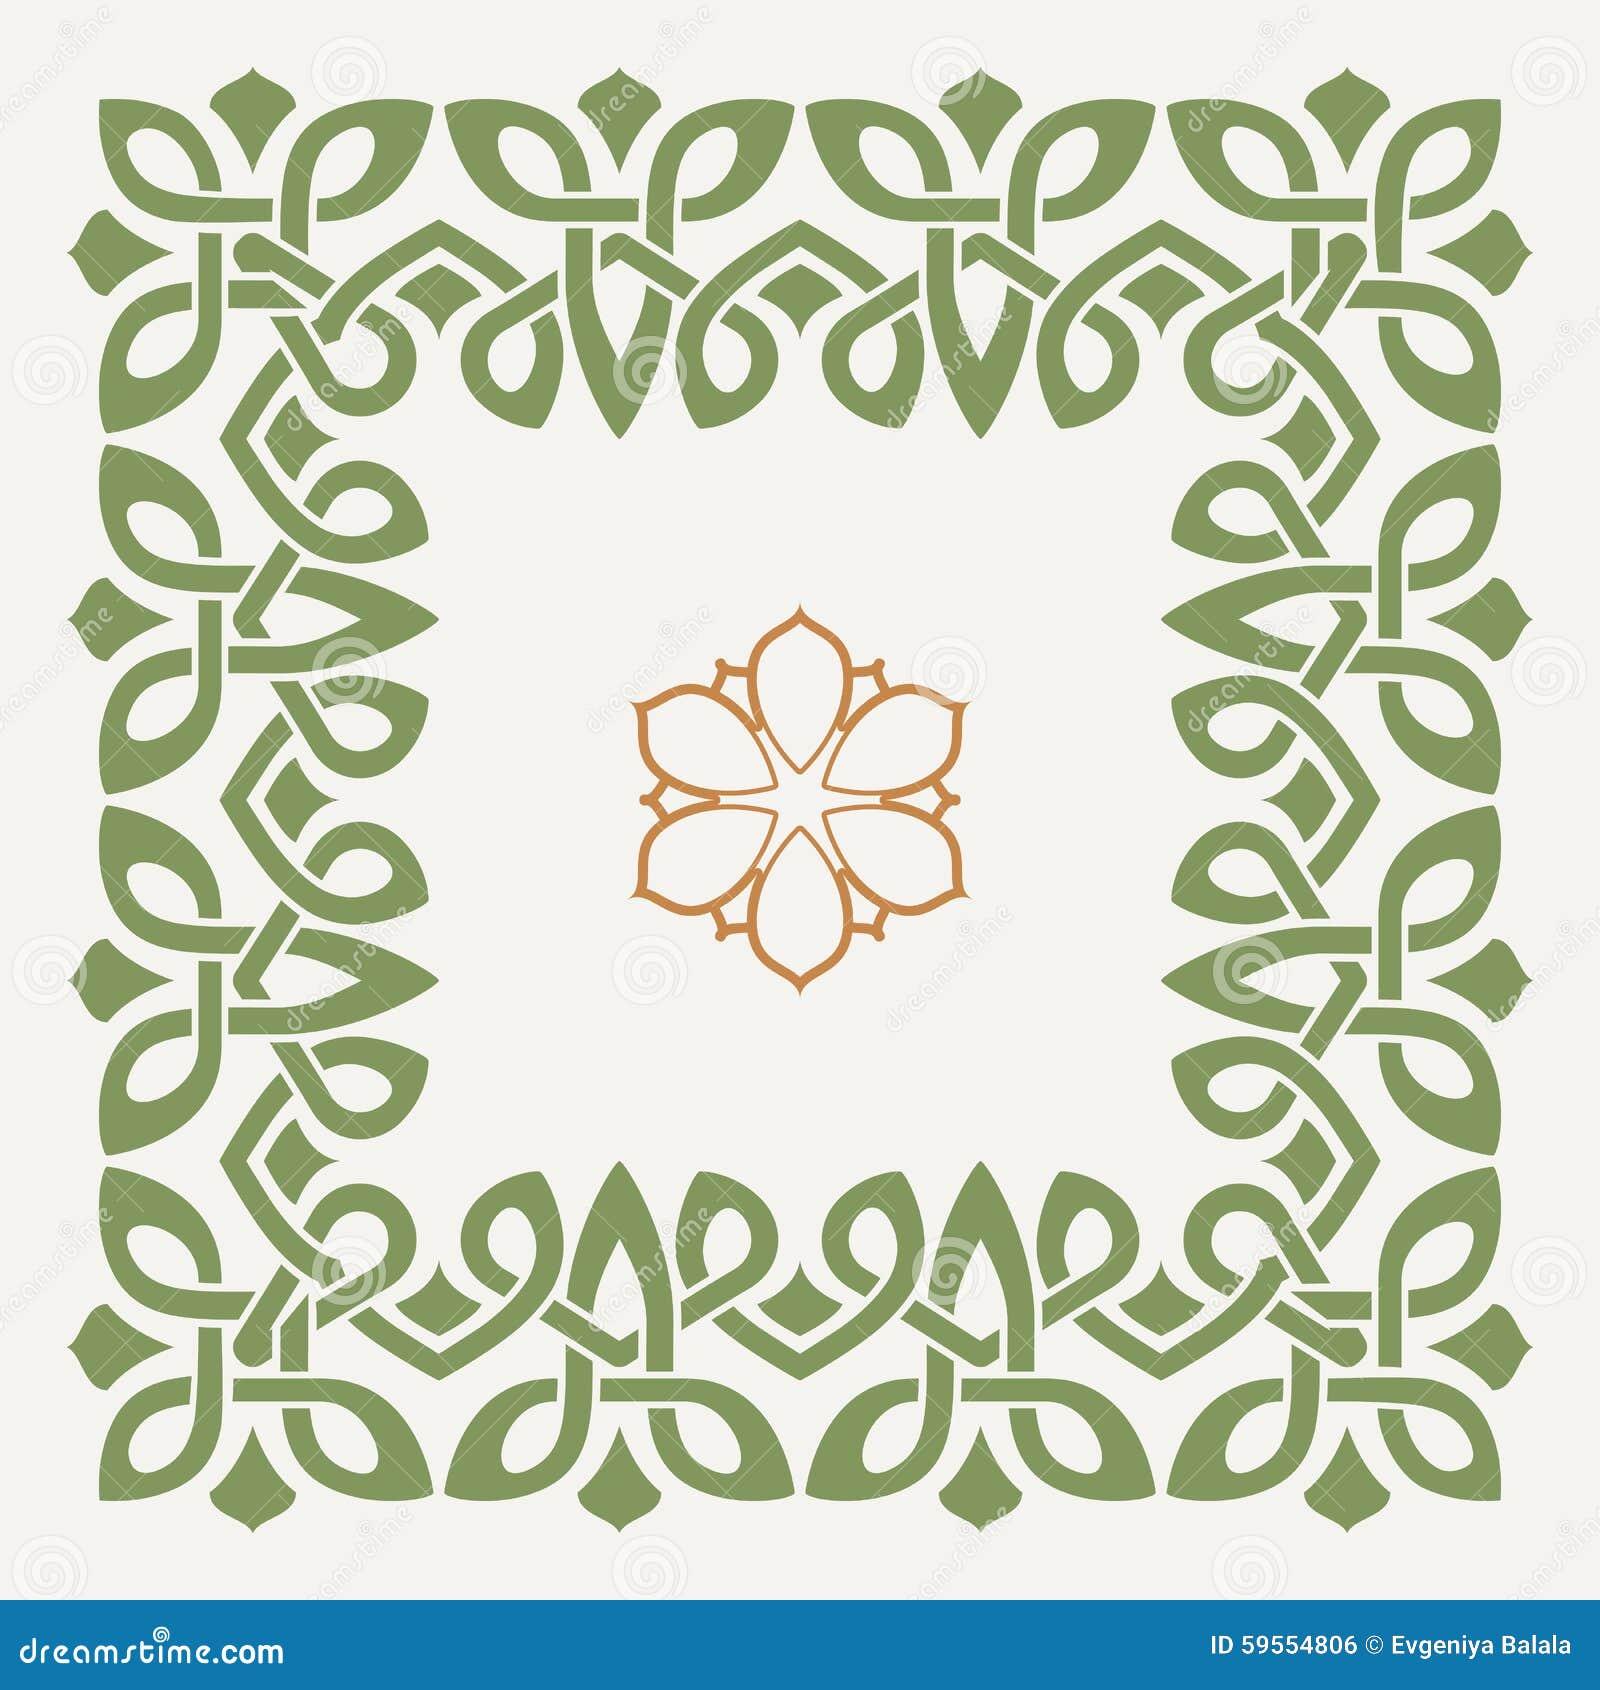 Dekorativ ram för vektor i den keltiska stilen